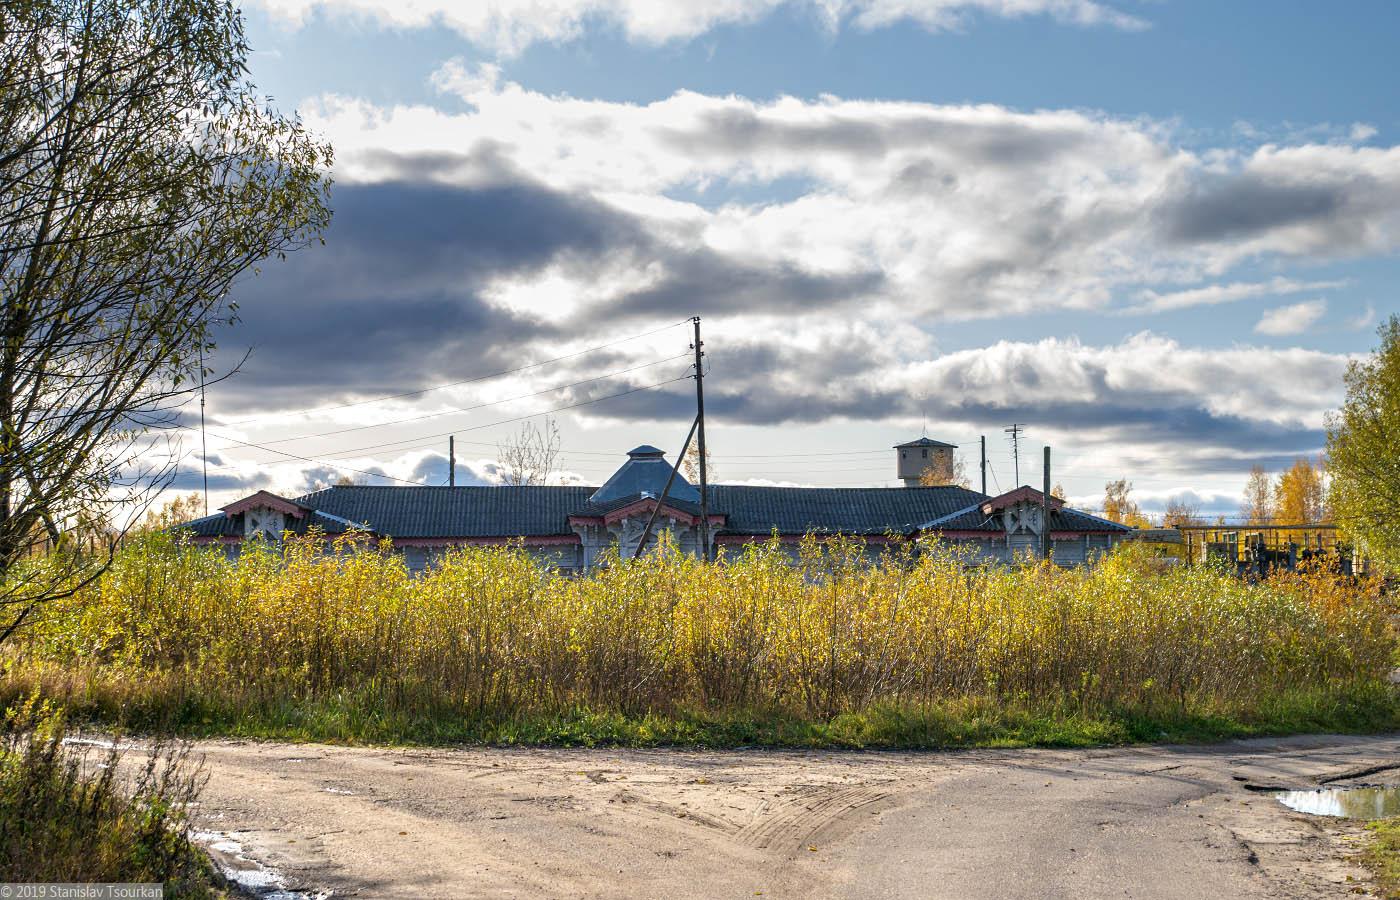 ж/д вокзал, станция Красный холм, вокзал, деревянный вокзал, Красный холм